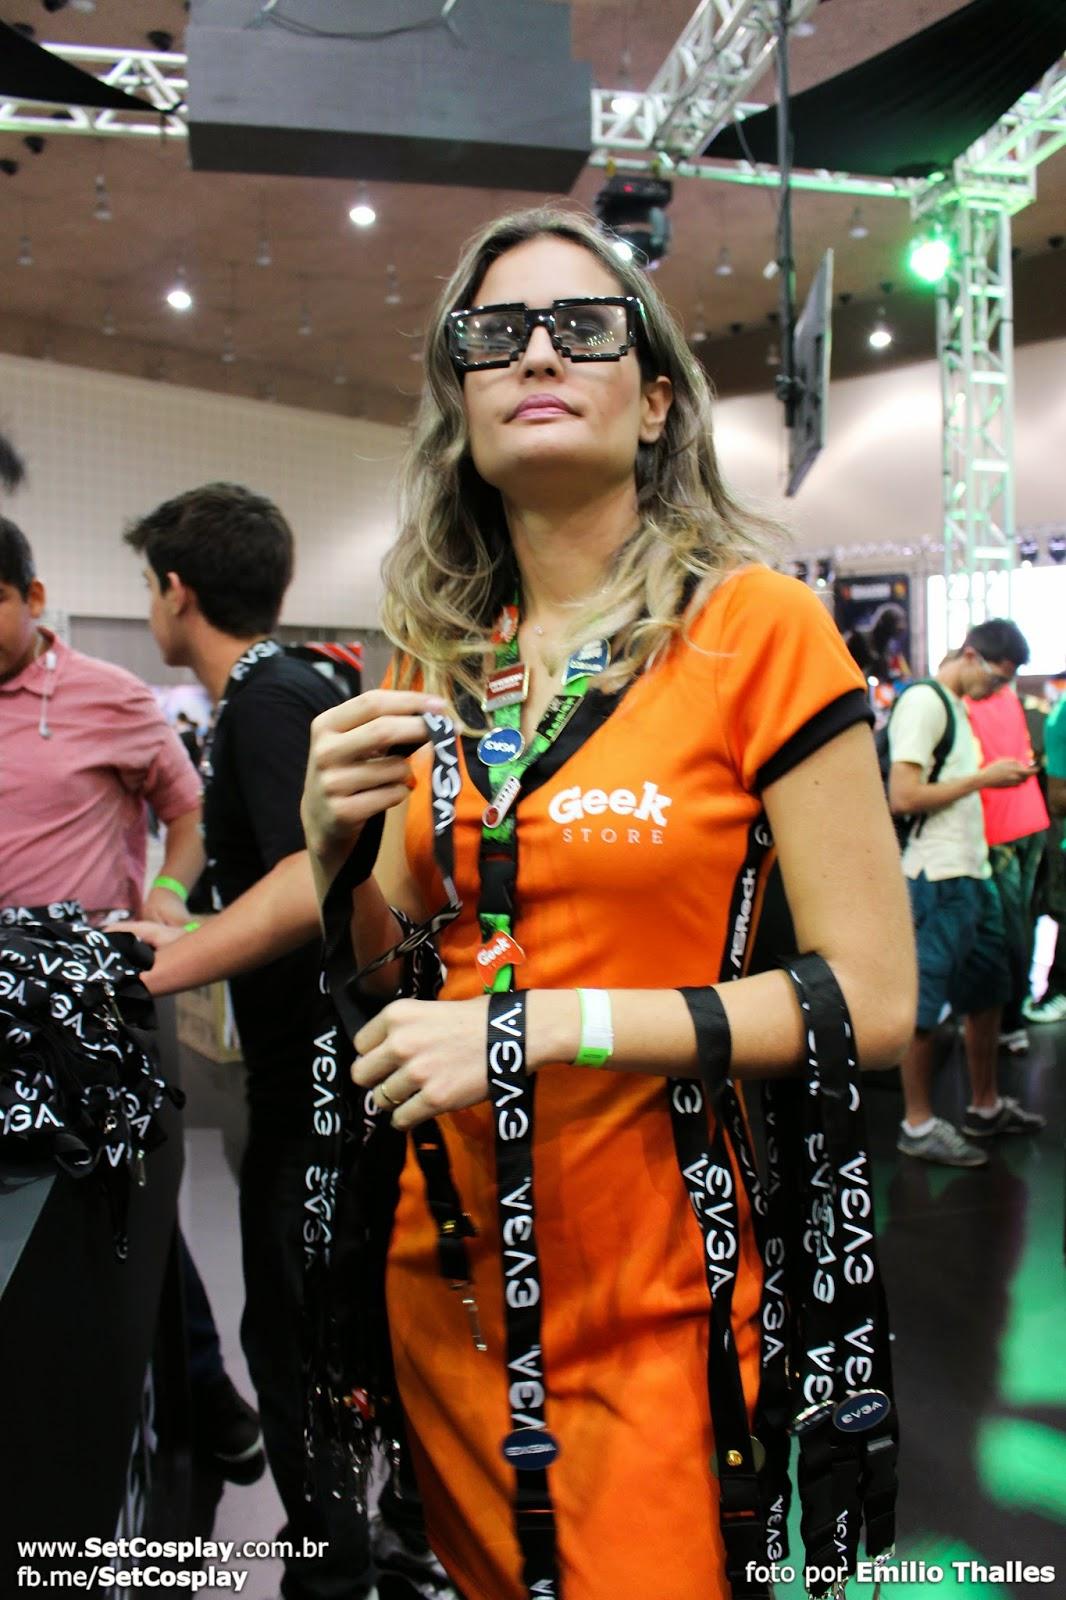 Geek Store - SANA 2014